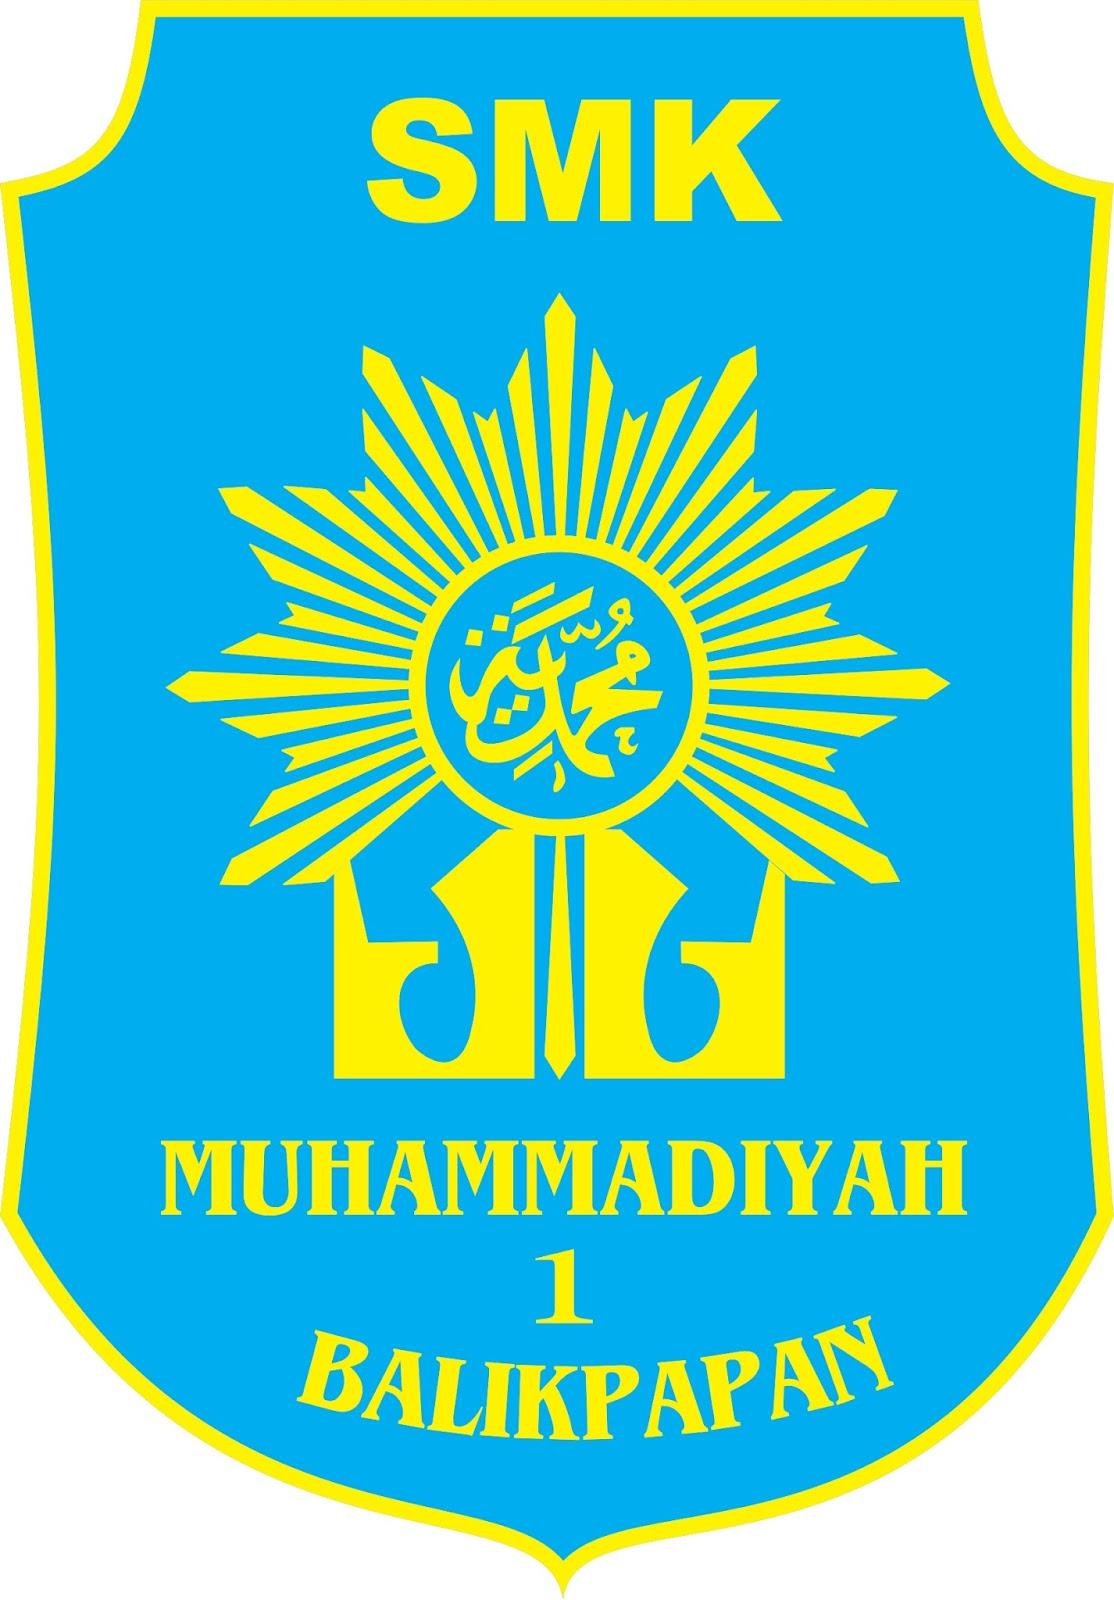 Logo Pendidikan Muhammadiyah : pendidikan, muhammadiyah, Muhammadiyah, Balikpapan, MUHAMMADIYAH, BALIKPAPAN